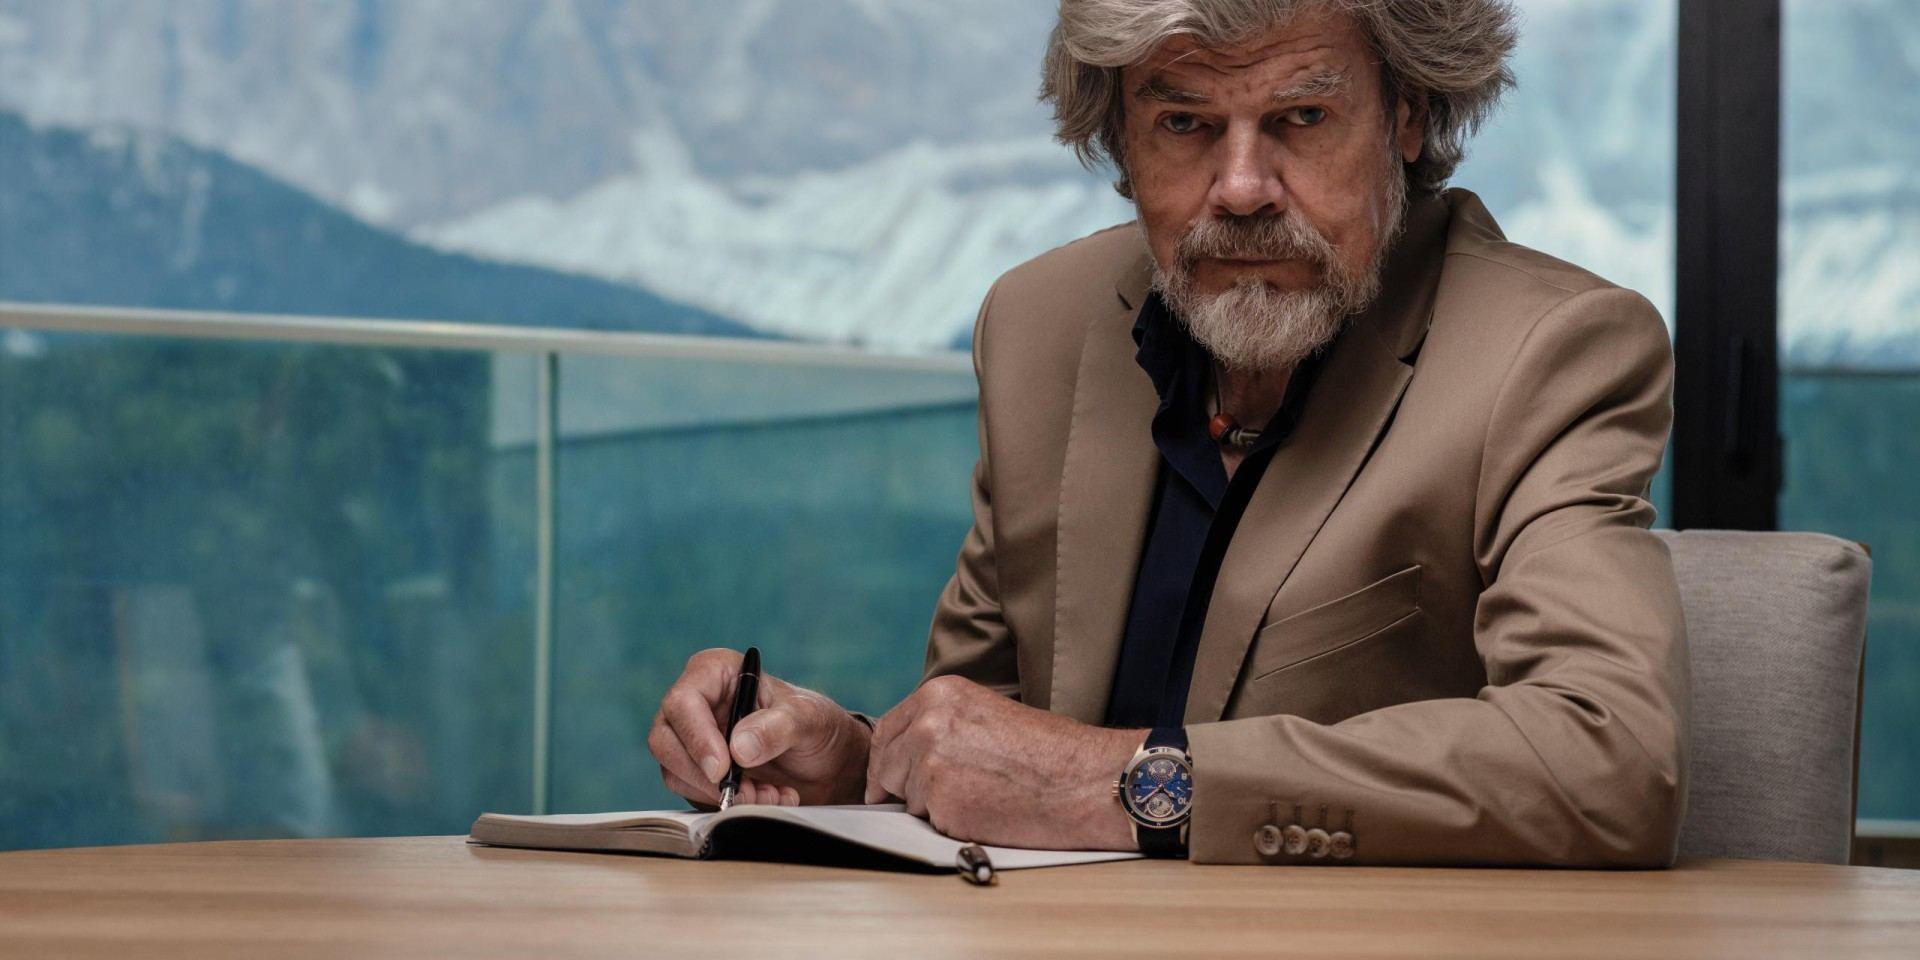 向傳奇登山探險家致敬:萬寶龍推出1858系列Geosphere Reinhold Messner限量款腕錶